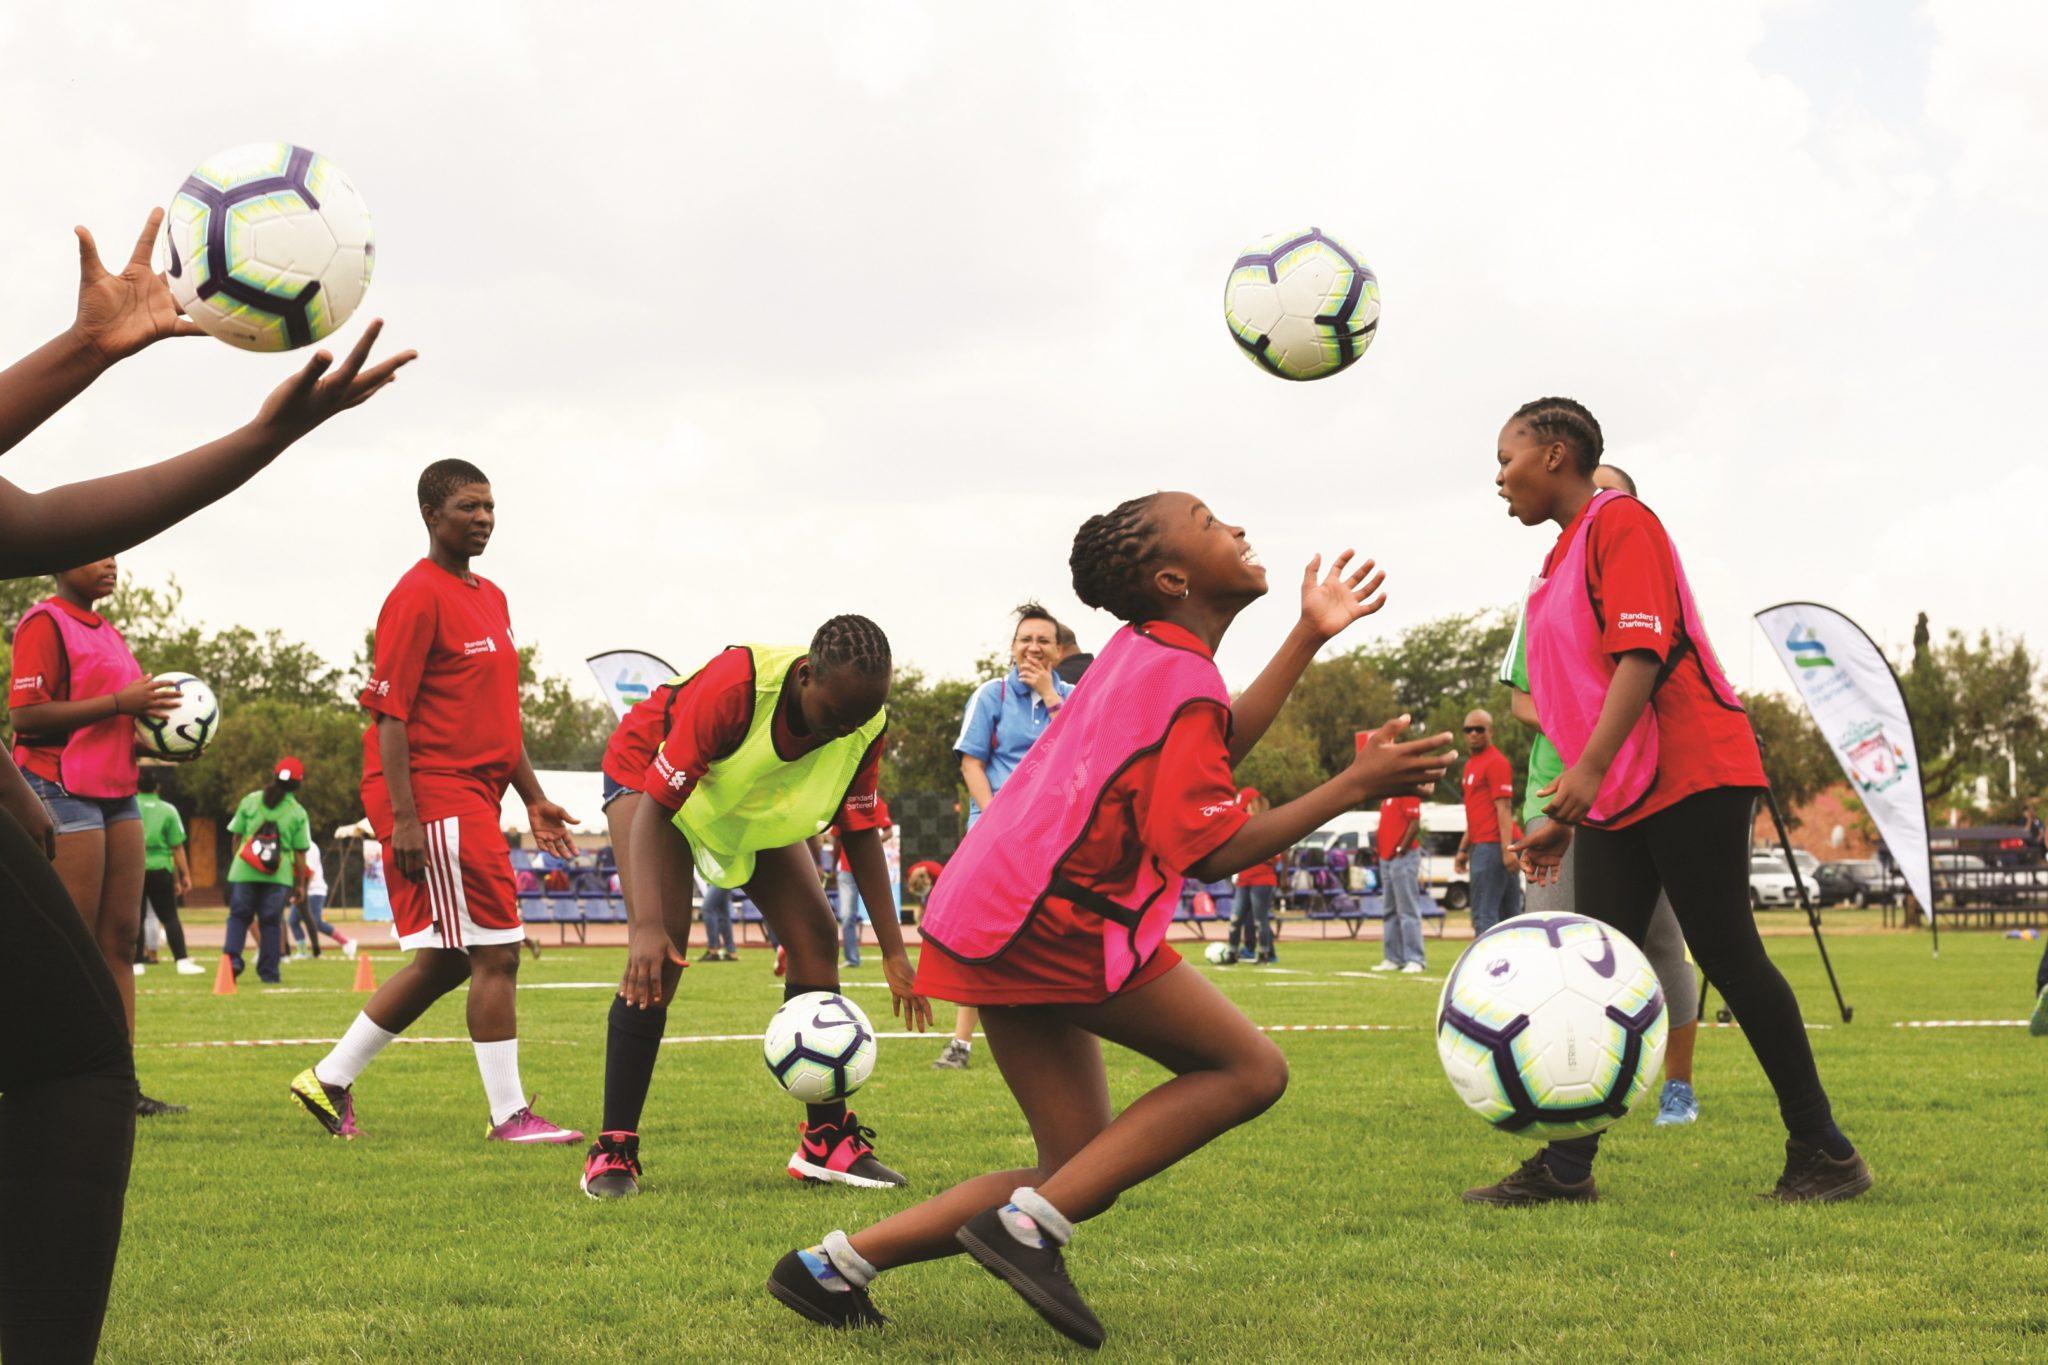 SoccerClinicGirls_GL